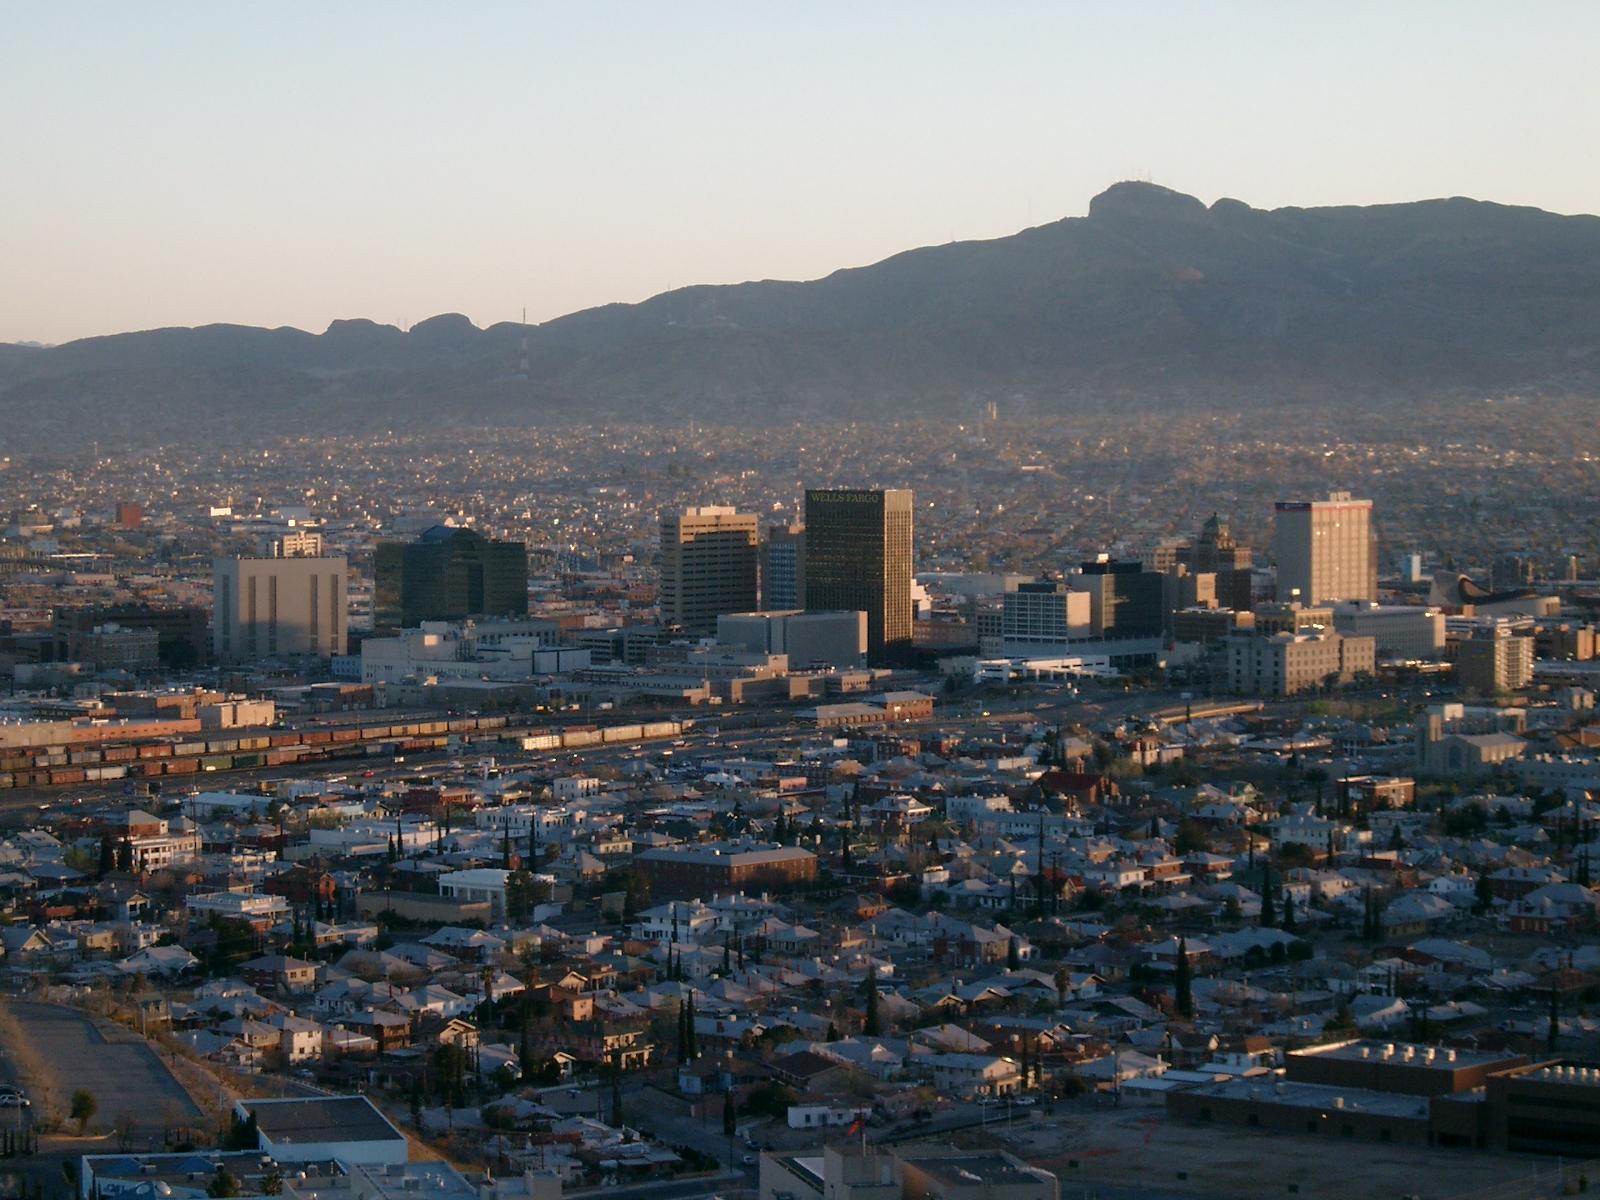 File:El Paso Scenic Drive.jpg - Wikimedia Commons